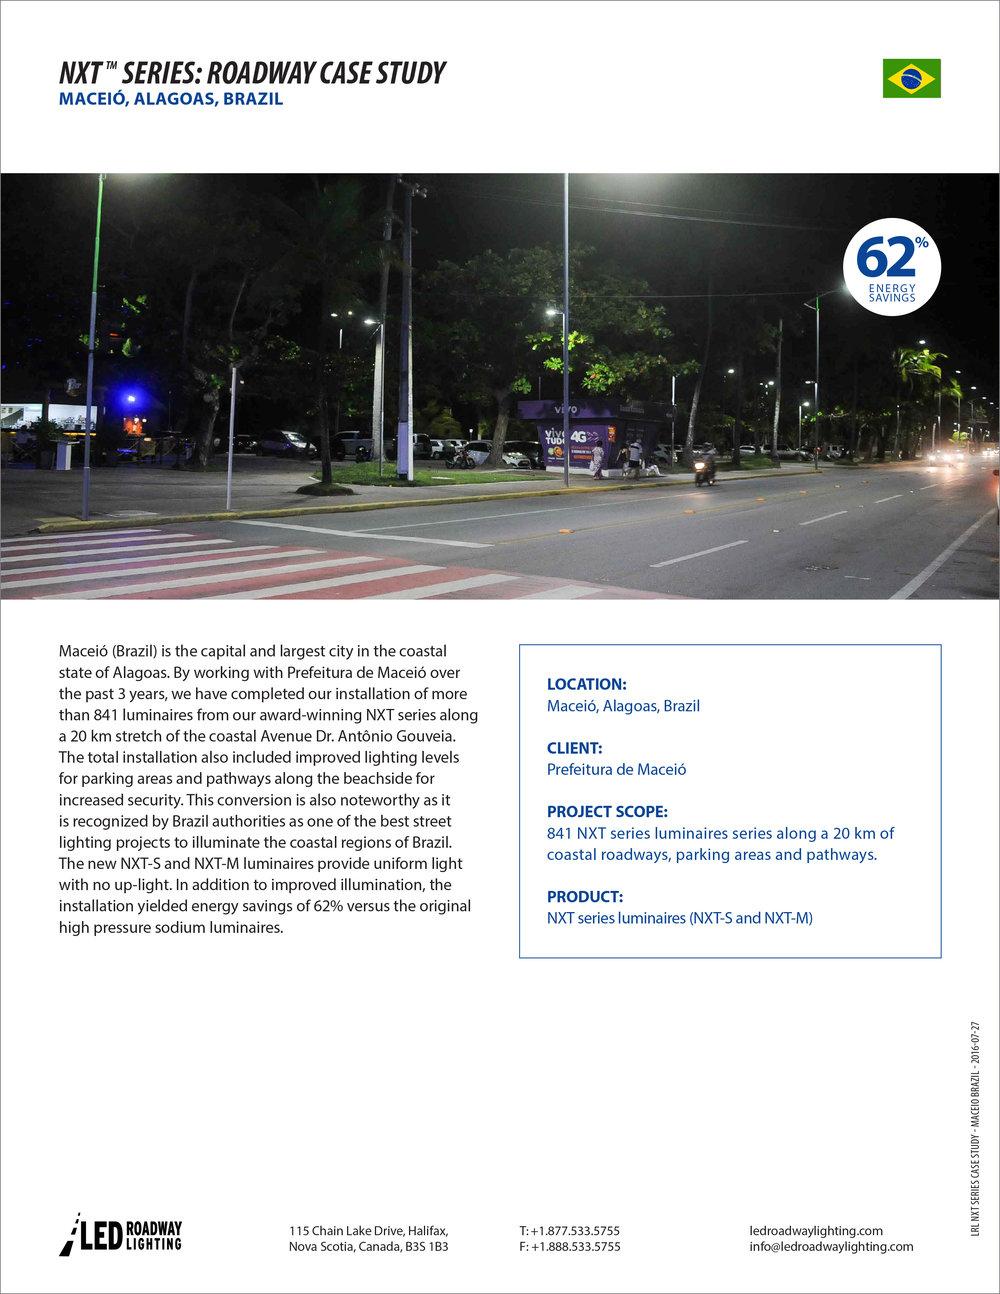 LRL_NXT_Roadway_Case_Study_Maceio_Brazil_EN-1.jpg